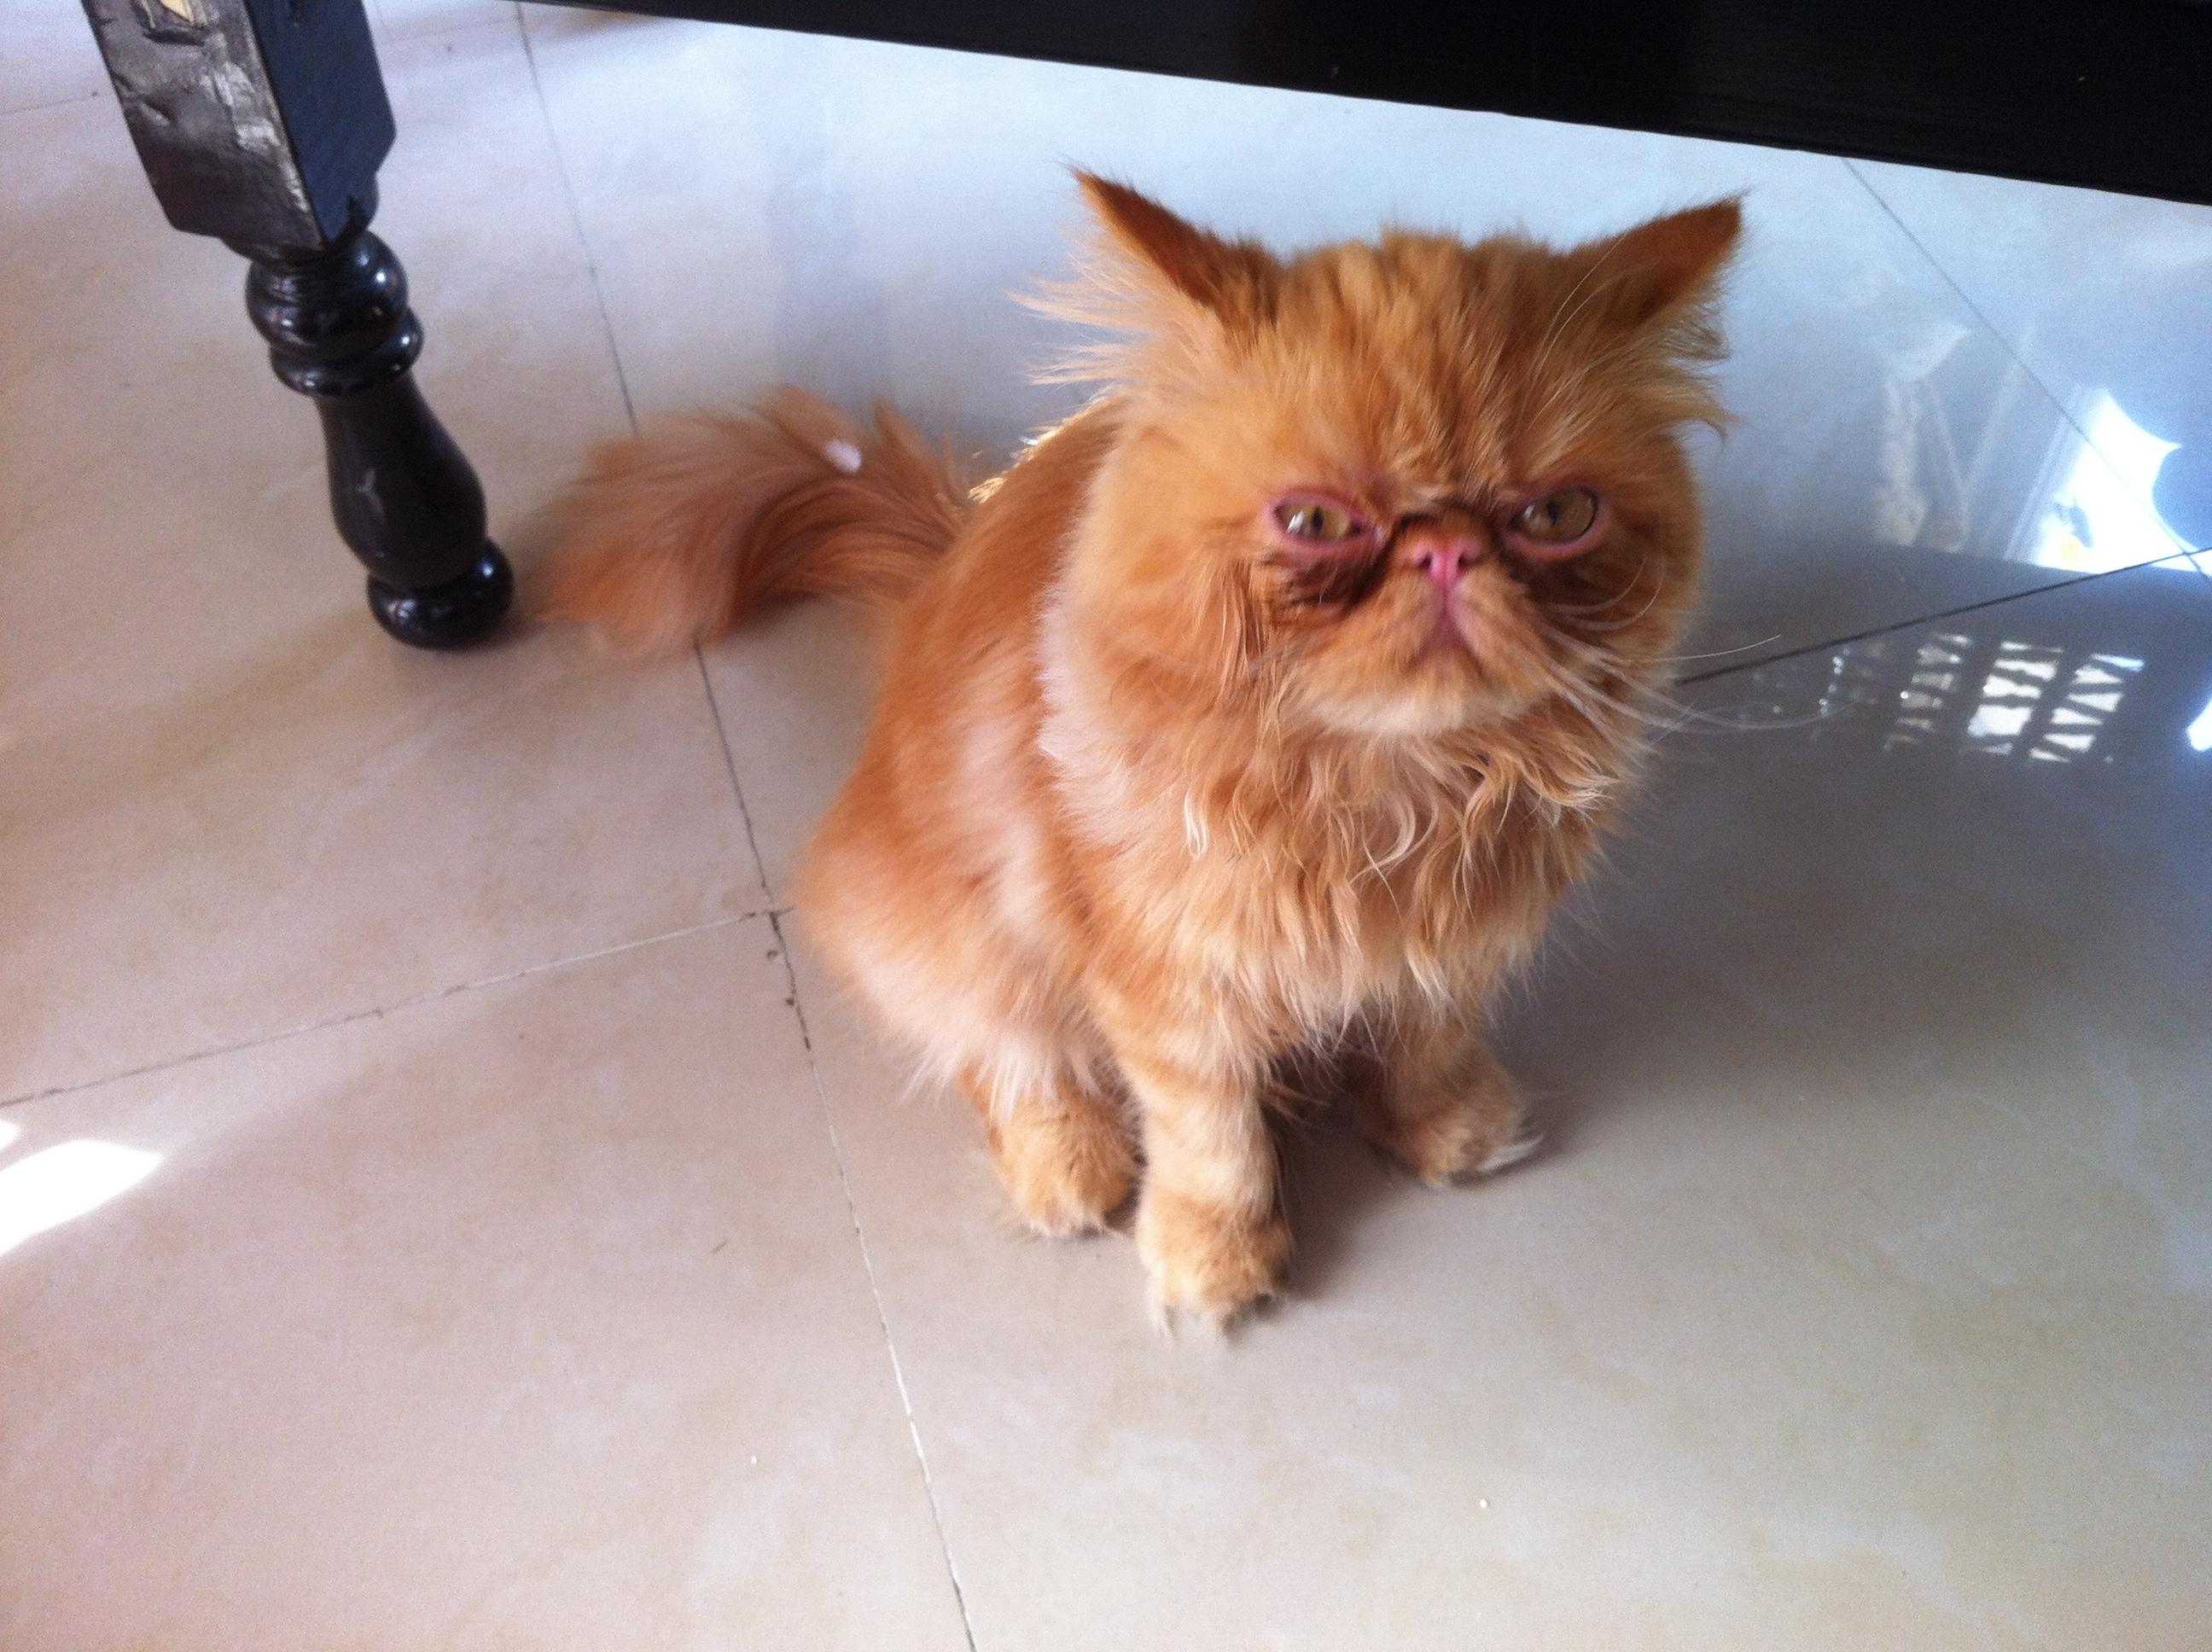 بالصور قطط شيرازى , كيفة تربية القطط الشيرازي 3801 13